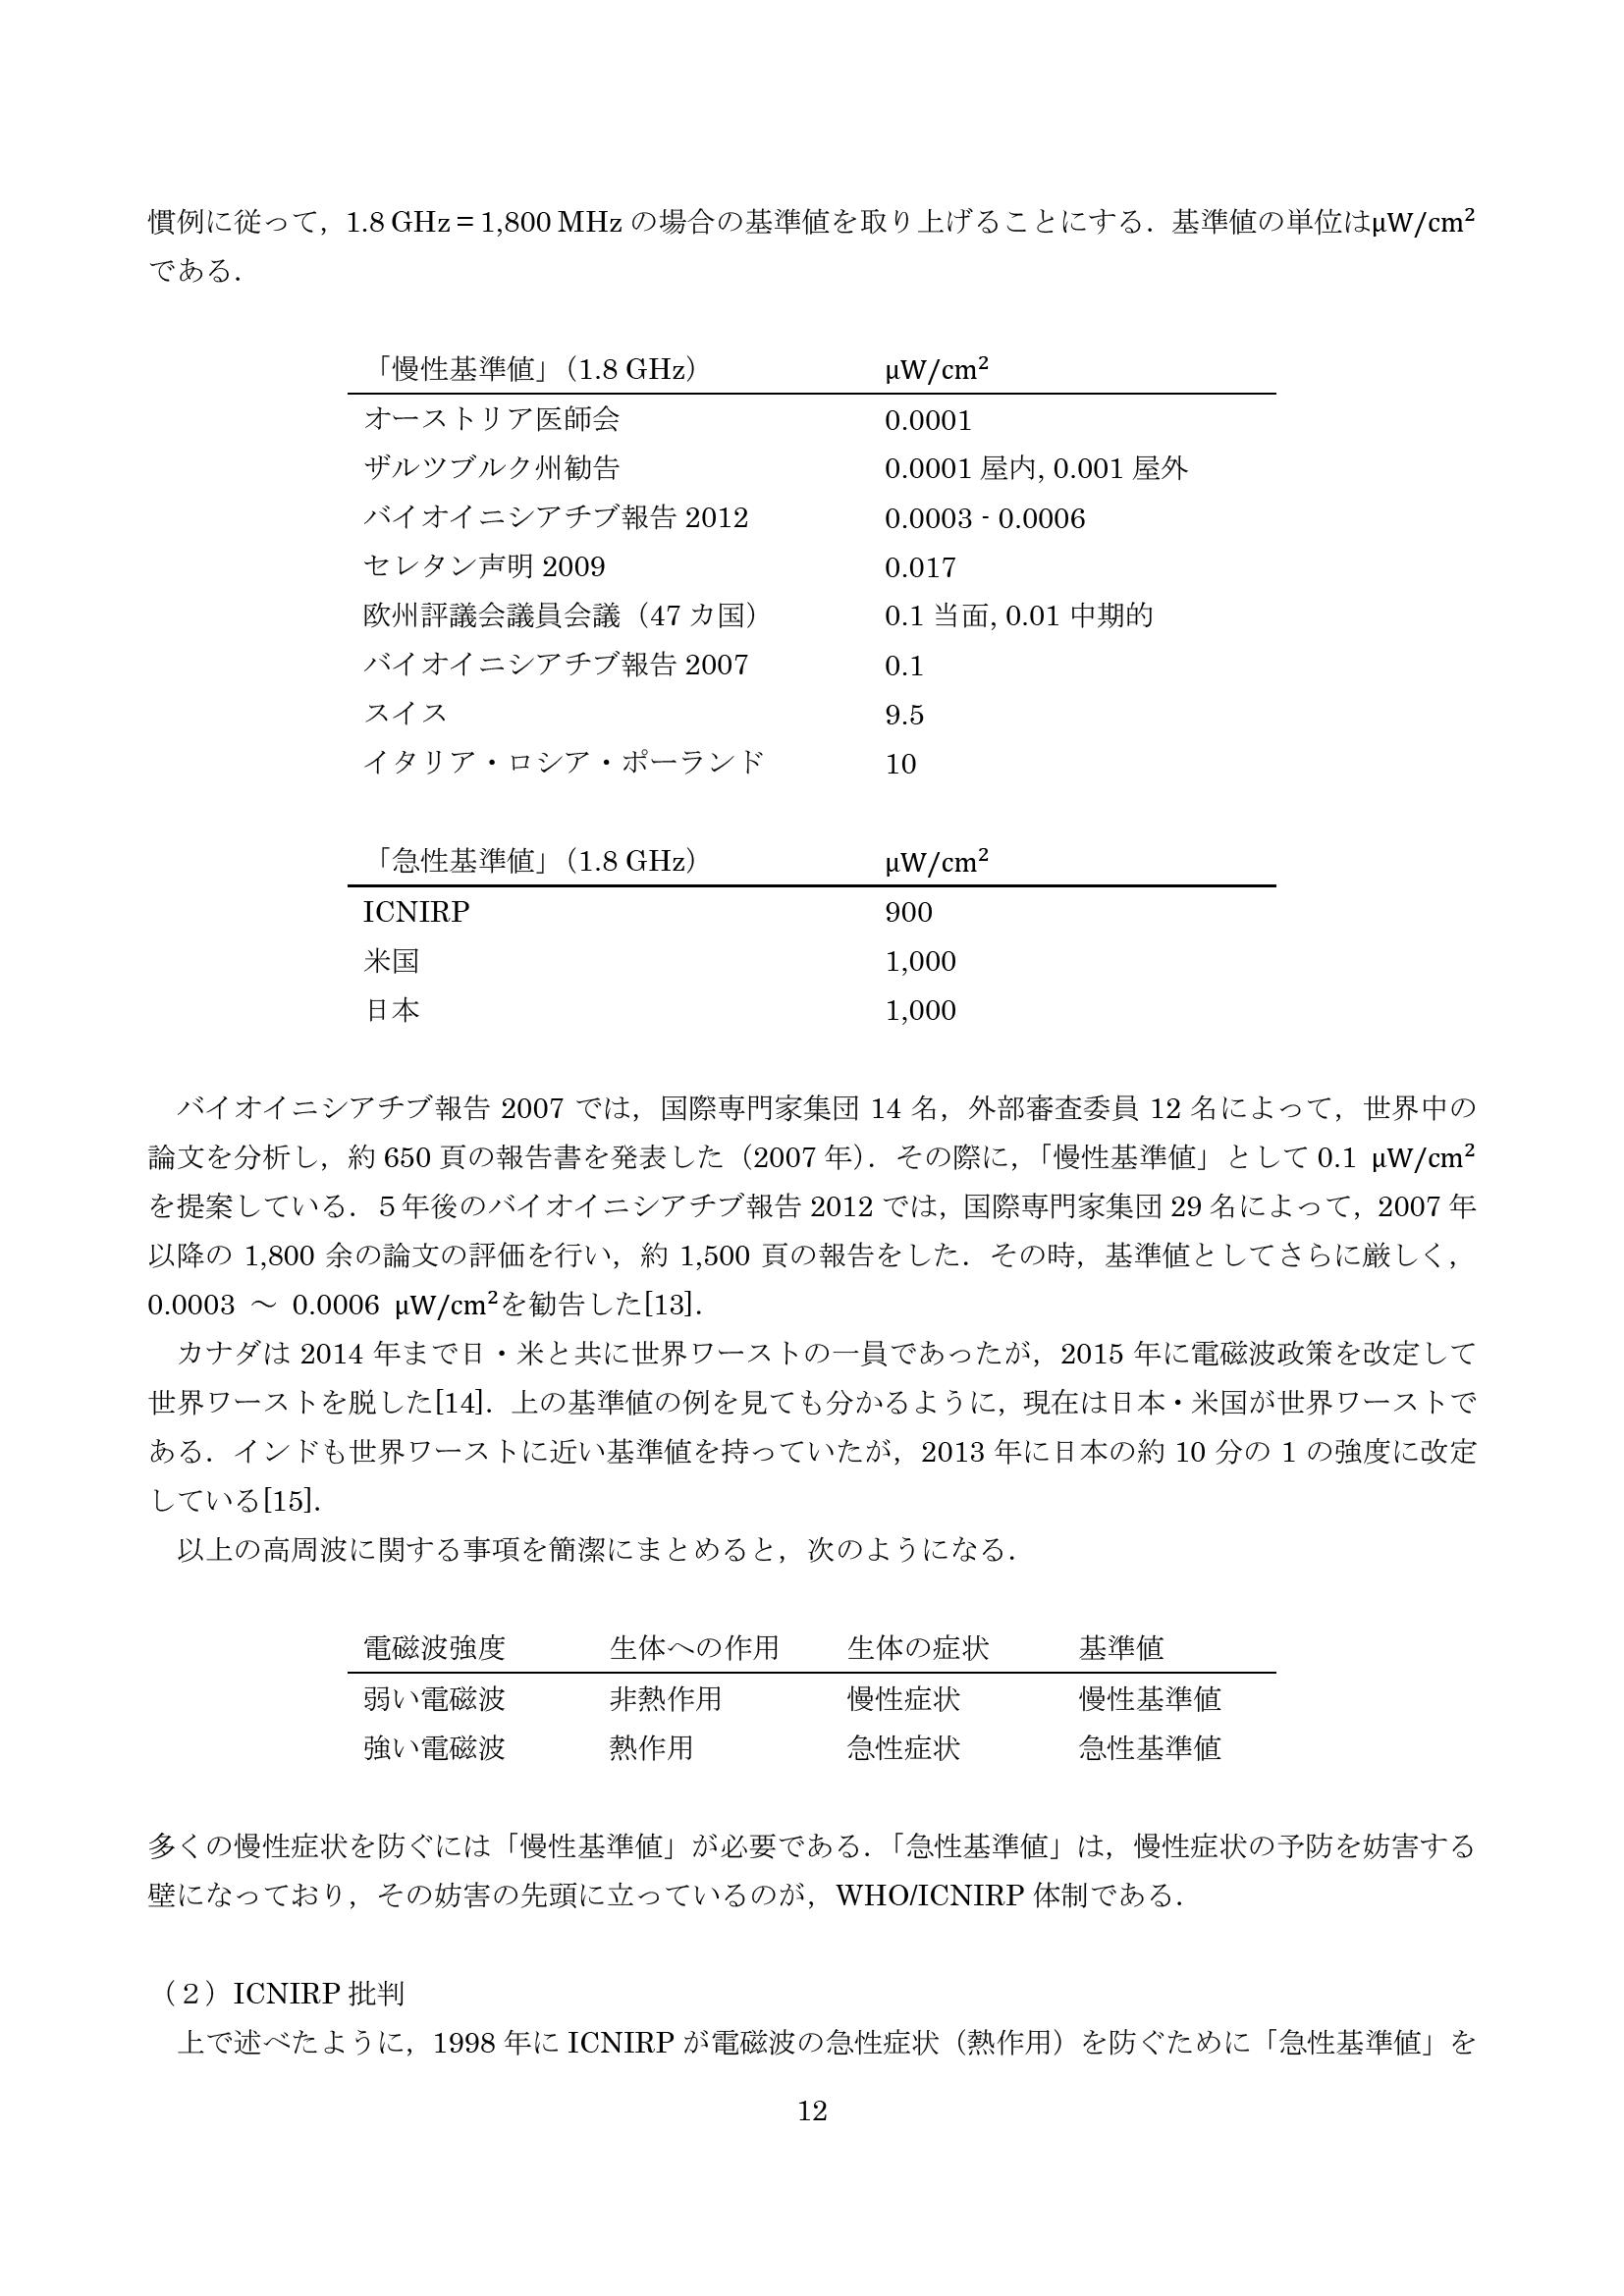 資料1電磁波問題とレーダー宮古0012